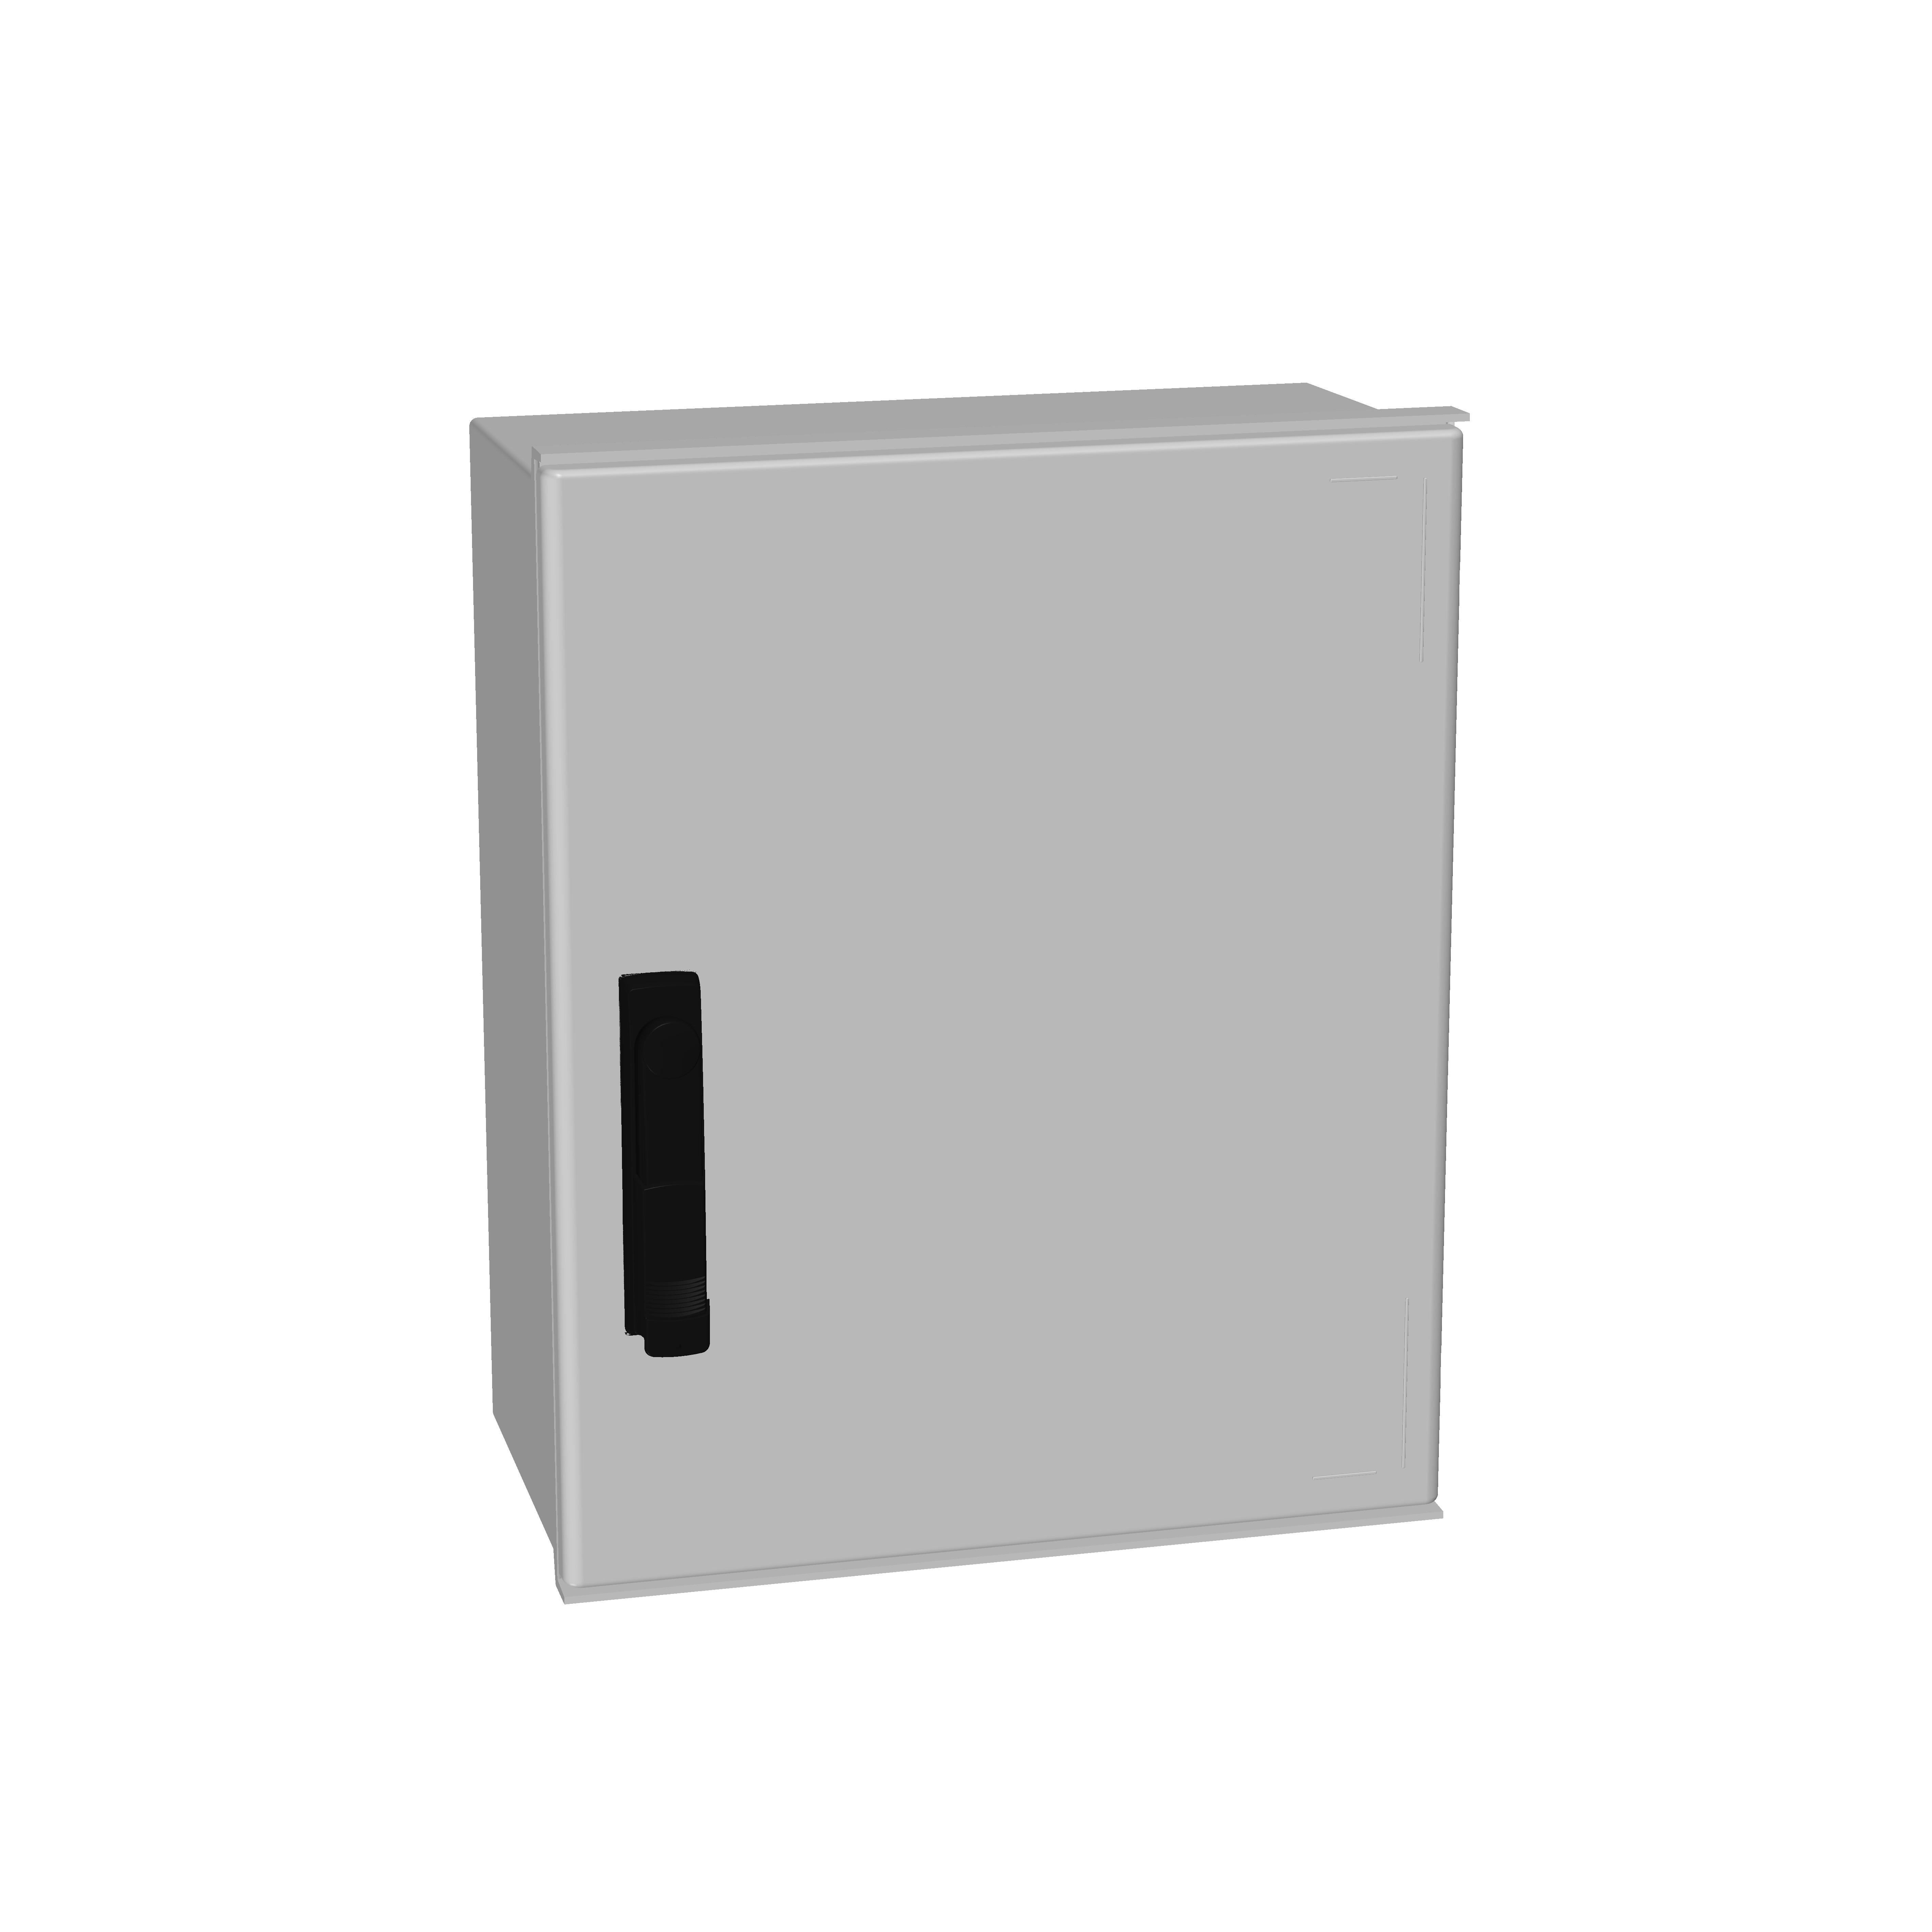 1 Stk Minipol-Wandschrank 3-Punkt Stangenverschl. 500x400x200mm IM088854--